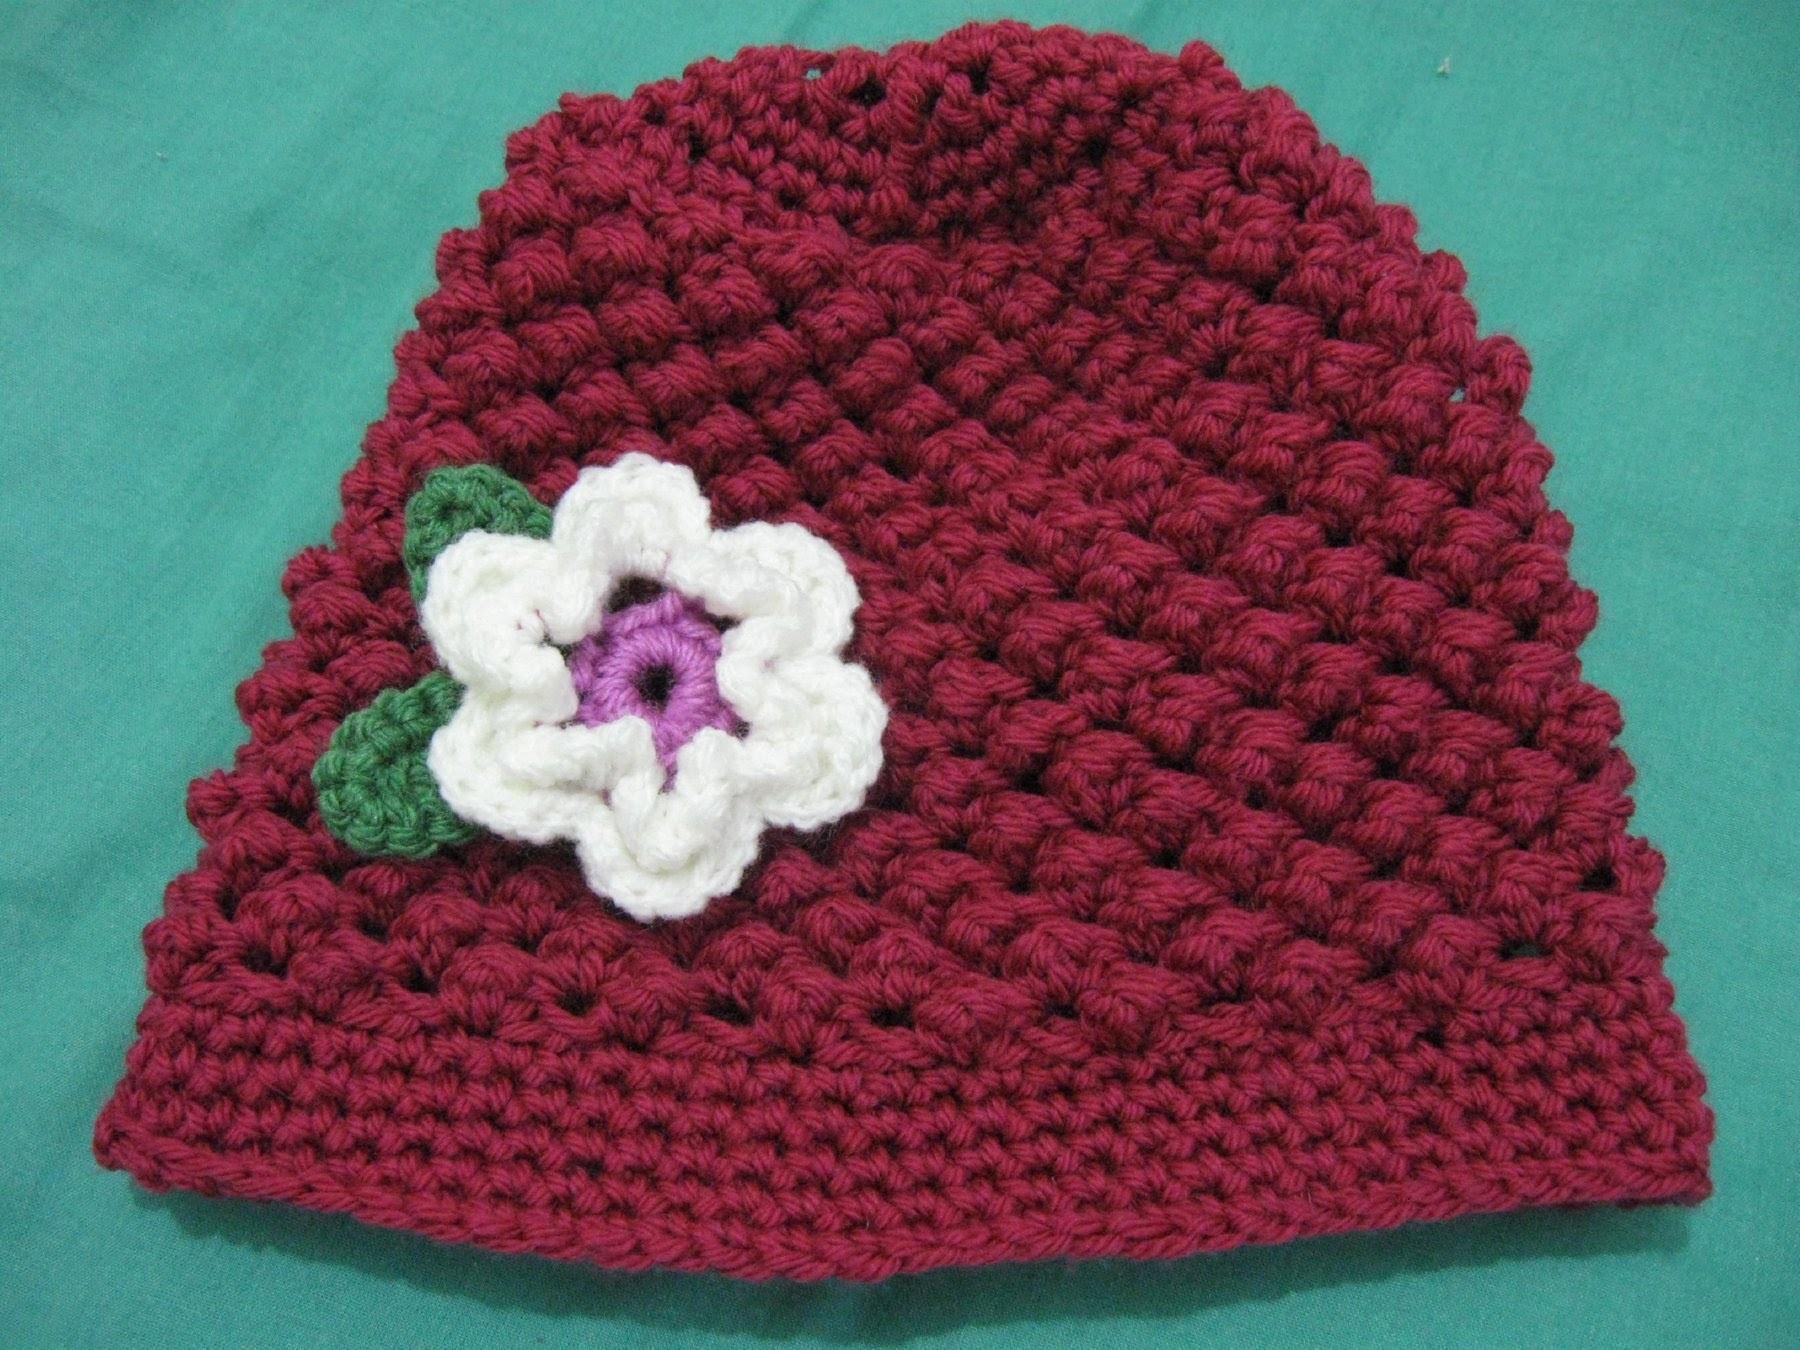 Raspberry Stitch Beanie - Crochet Tutorial